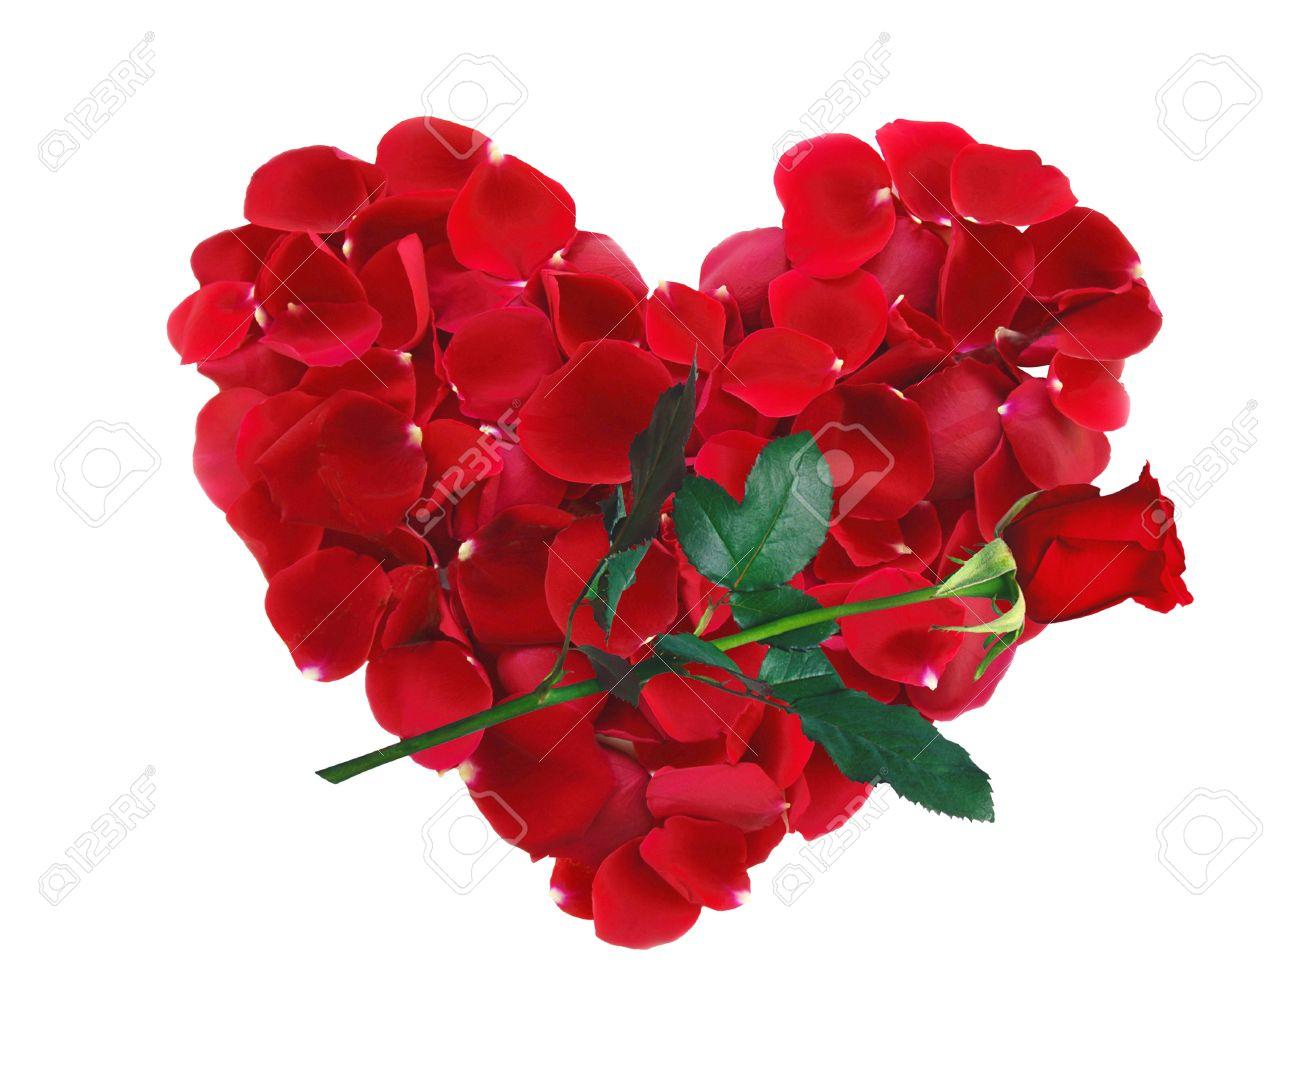 Beau Coeur De Petales De Rose Rouge Et Rose Fleur Isolee Sur Fond